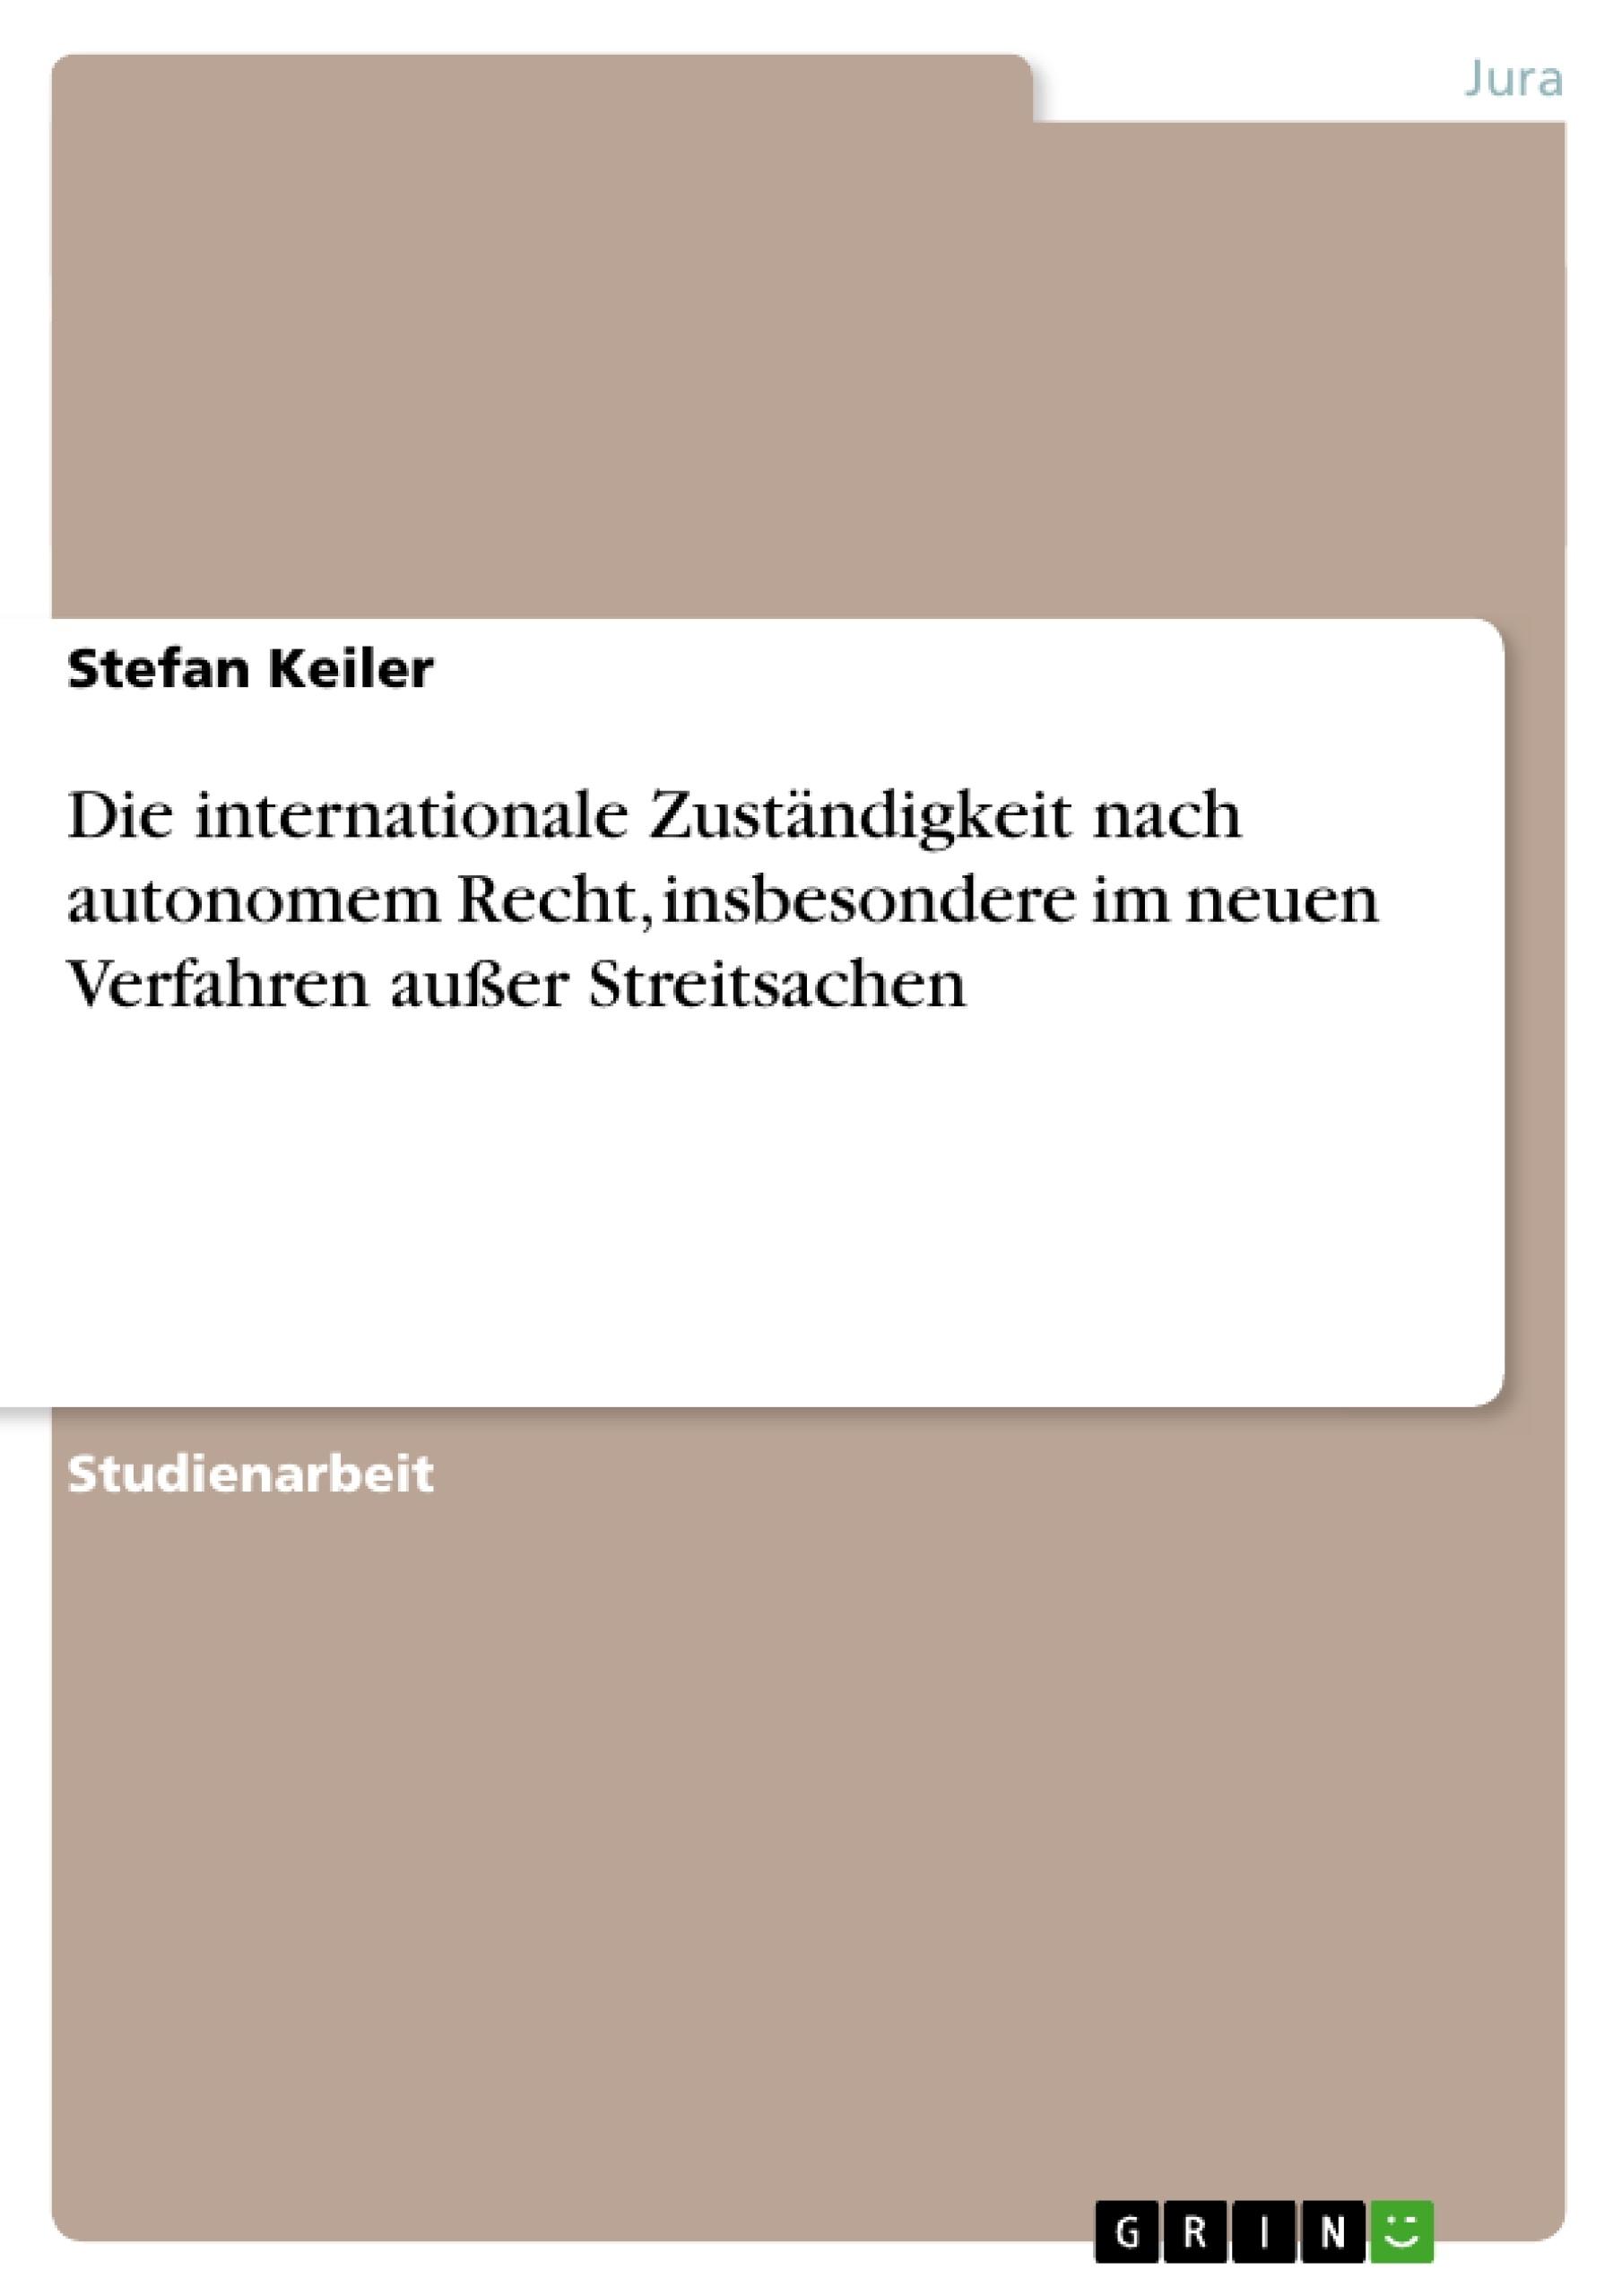 Titel: Die internationale Zuständigkeit nach autonomem Recht, insbesondere im neuen Verfahren außer Streitsachen